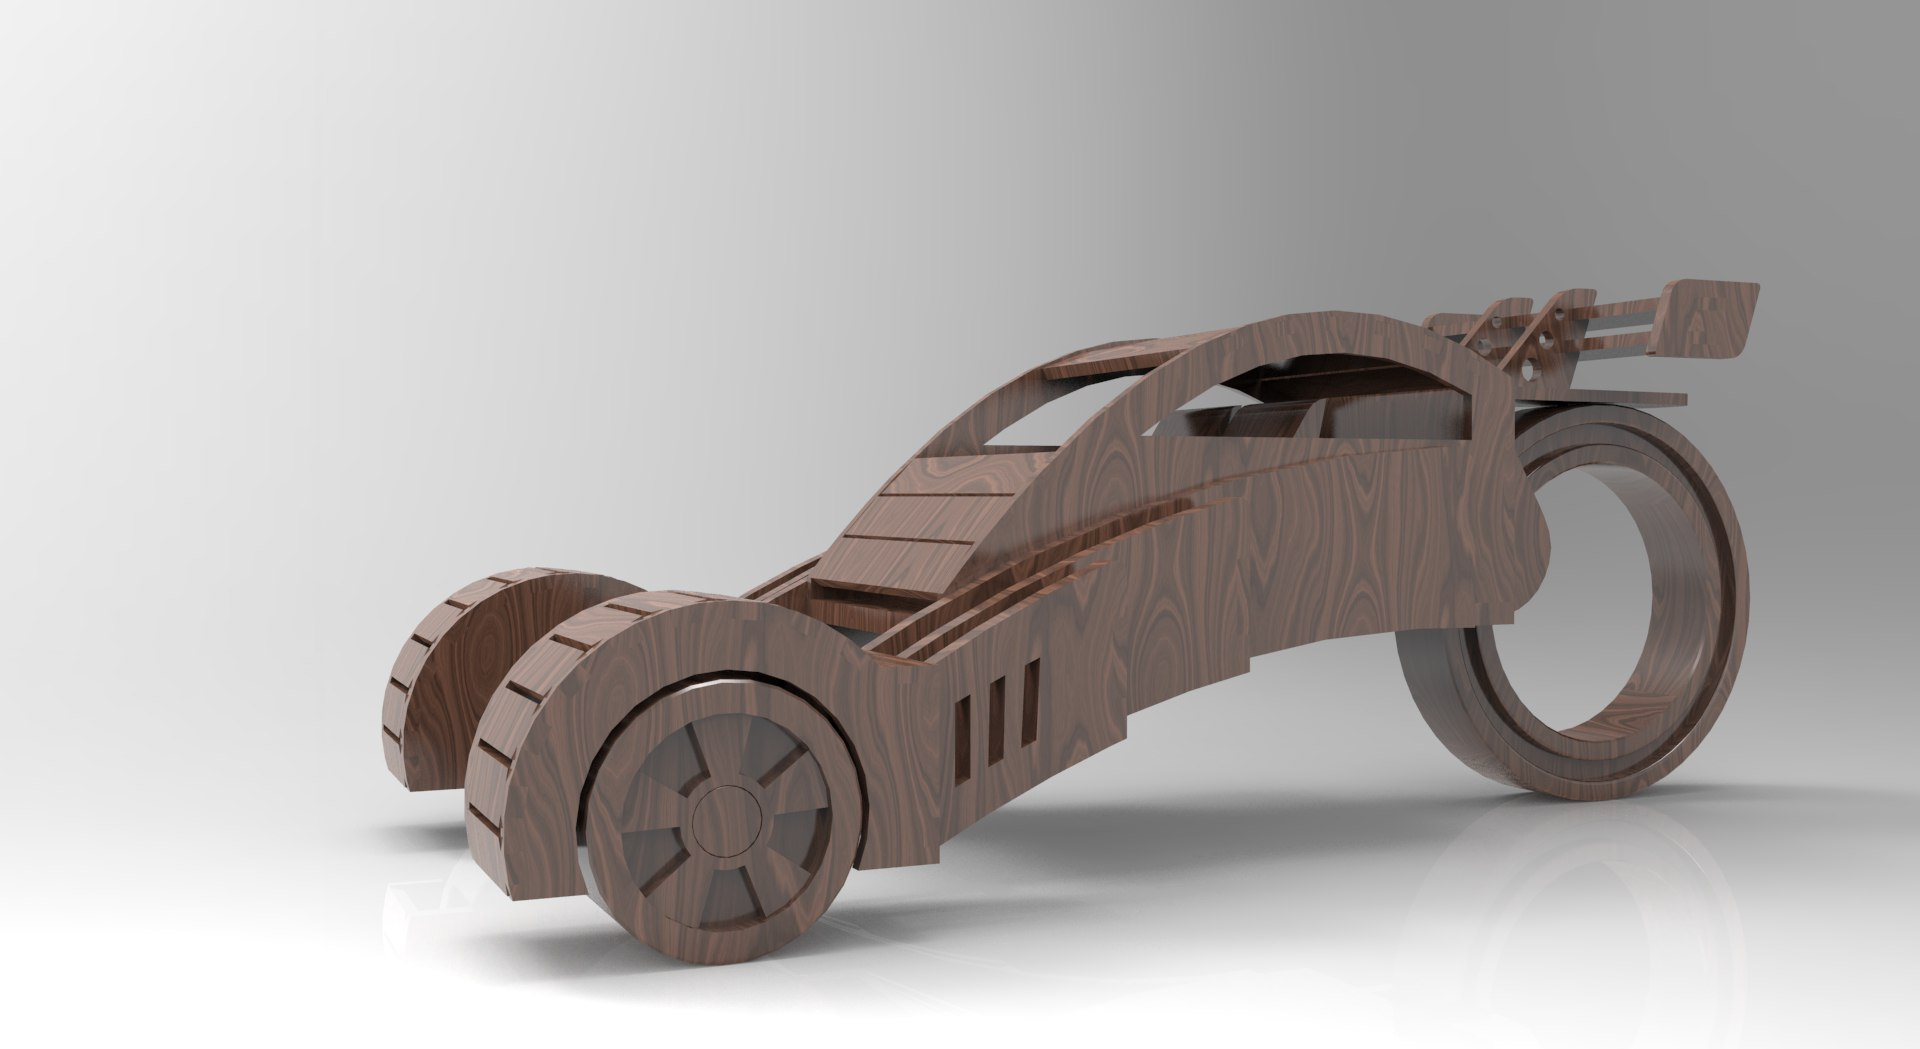 Concept Car 3D Puzzle Free CDR Vectors Art